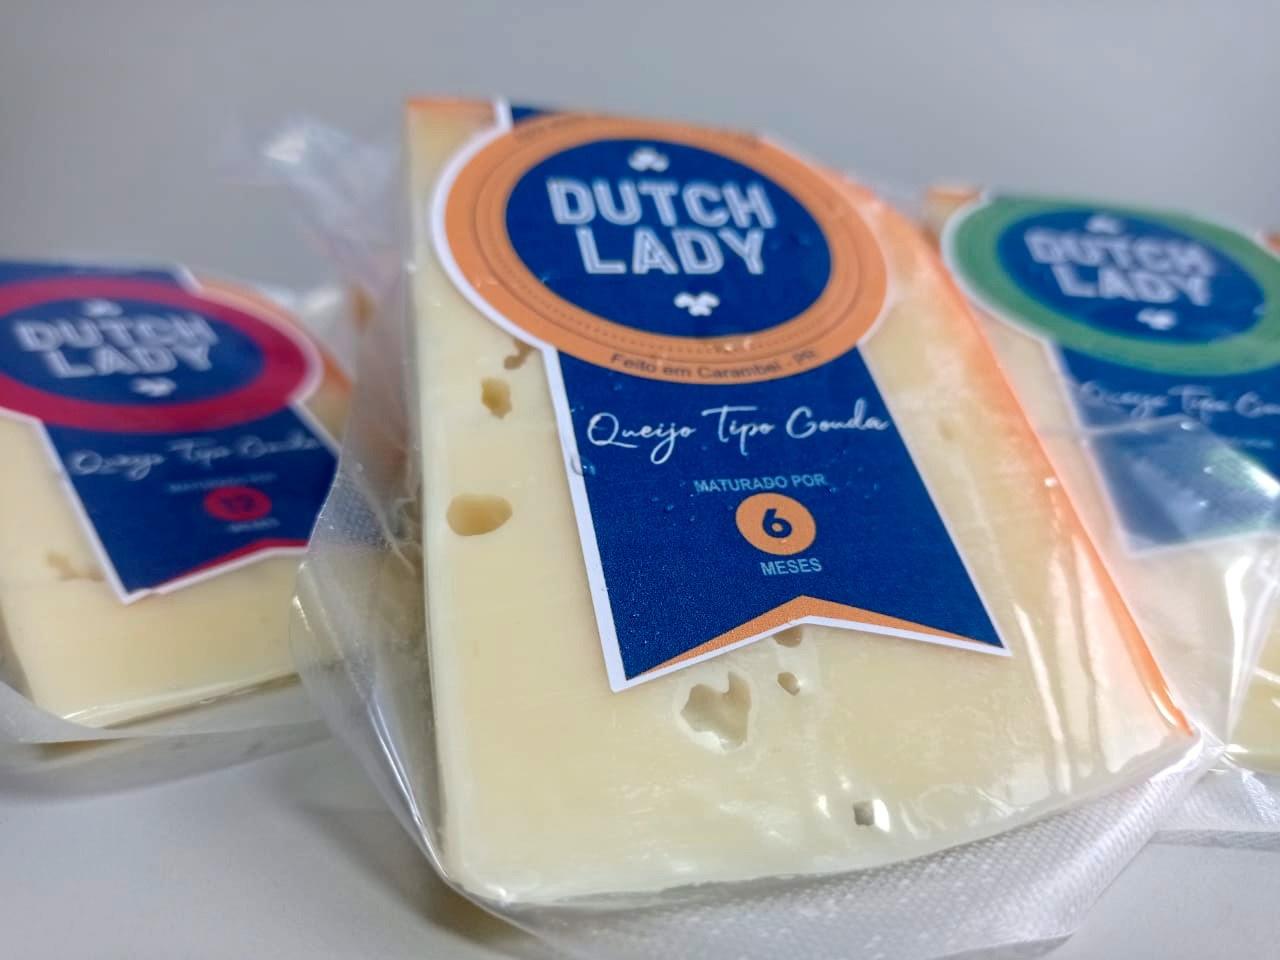 Queijo Dutch Lady é o 1º produto a receber selo